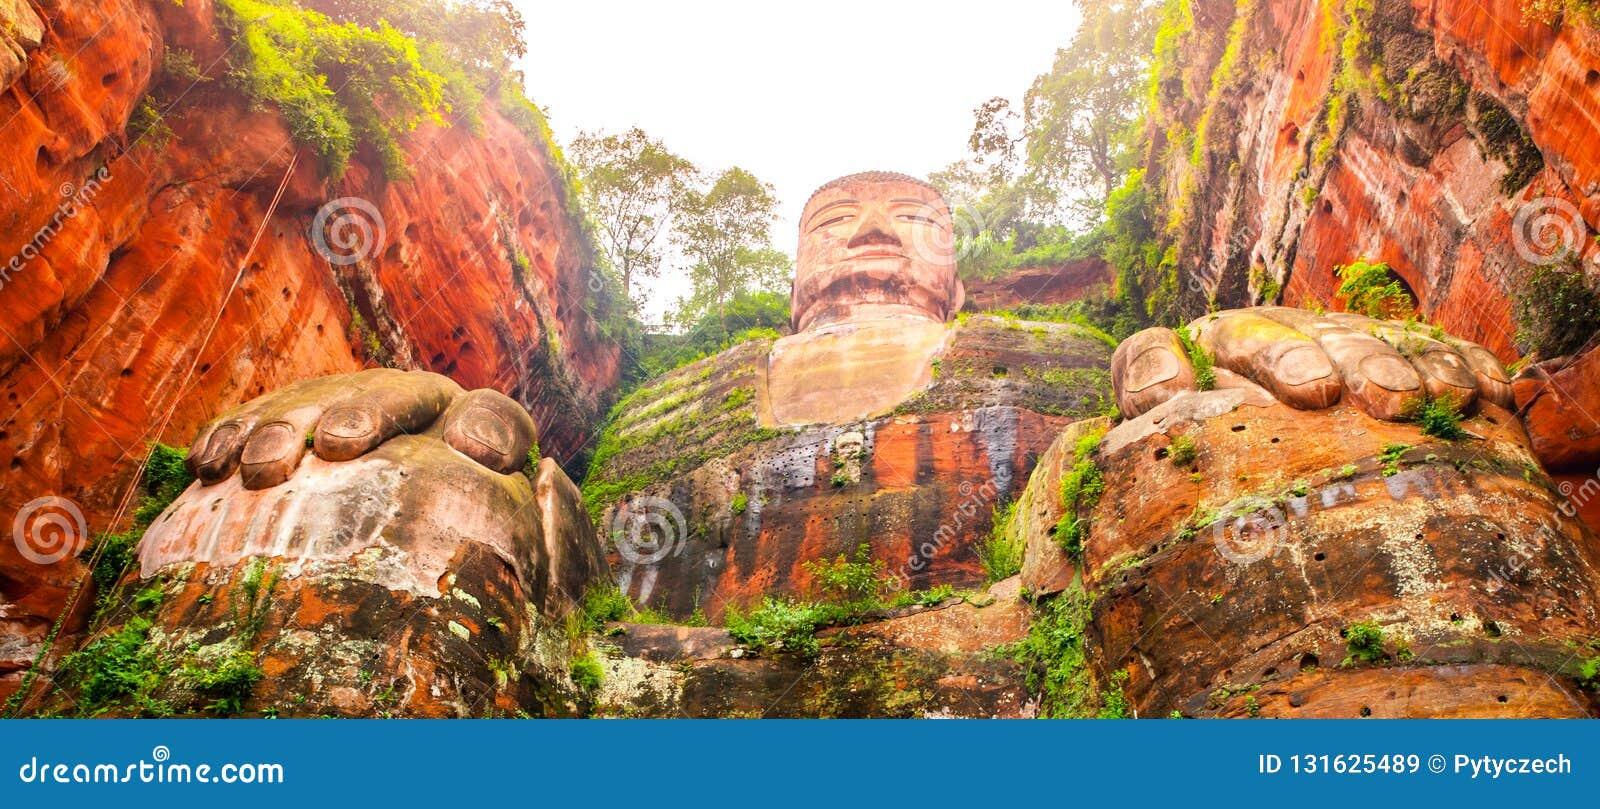 Buda gigante em Leshan, Sichuan, China, vista da parte inferior